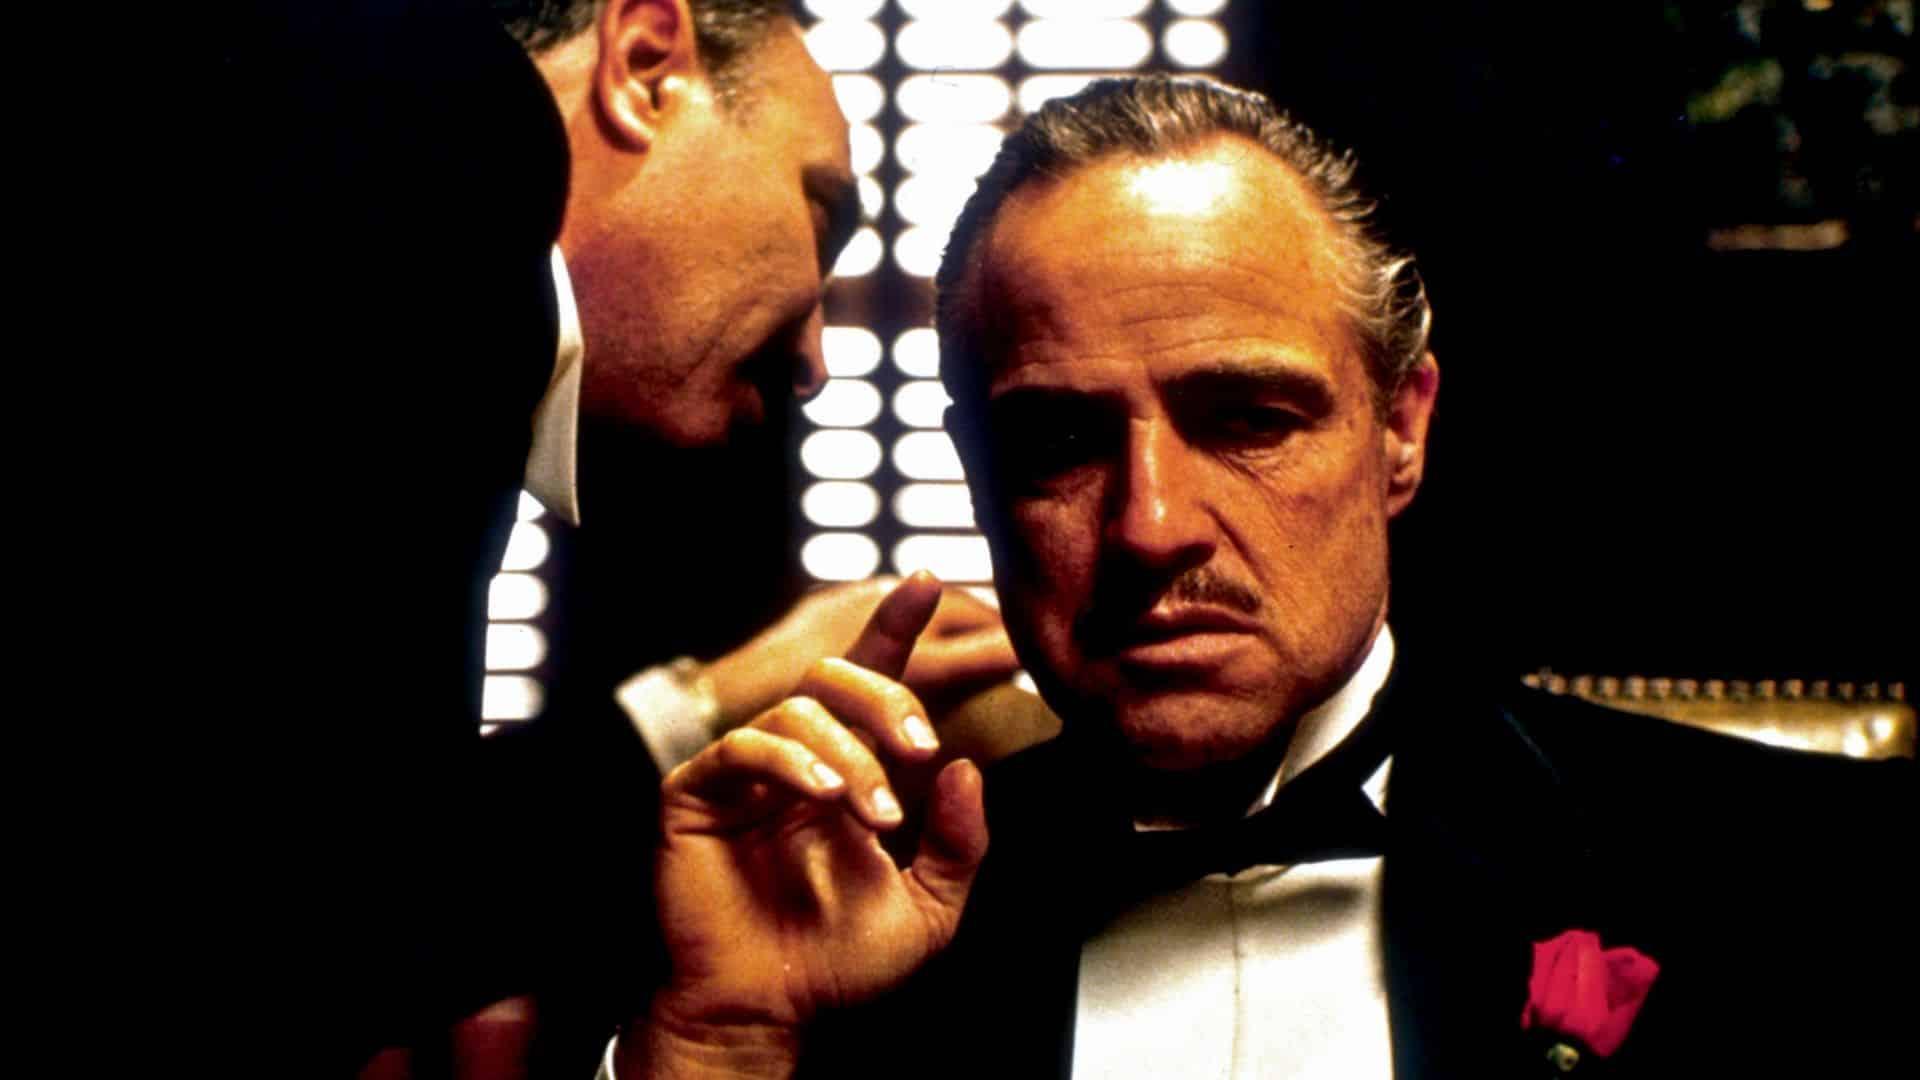 Il padrino: Francis Ford Coppola non voleva realizzare i sequel